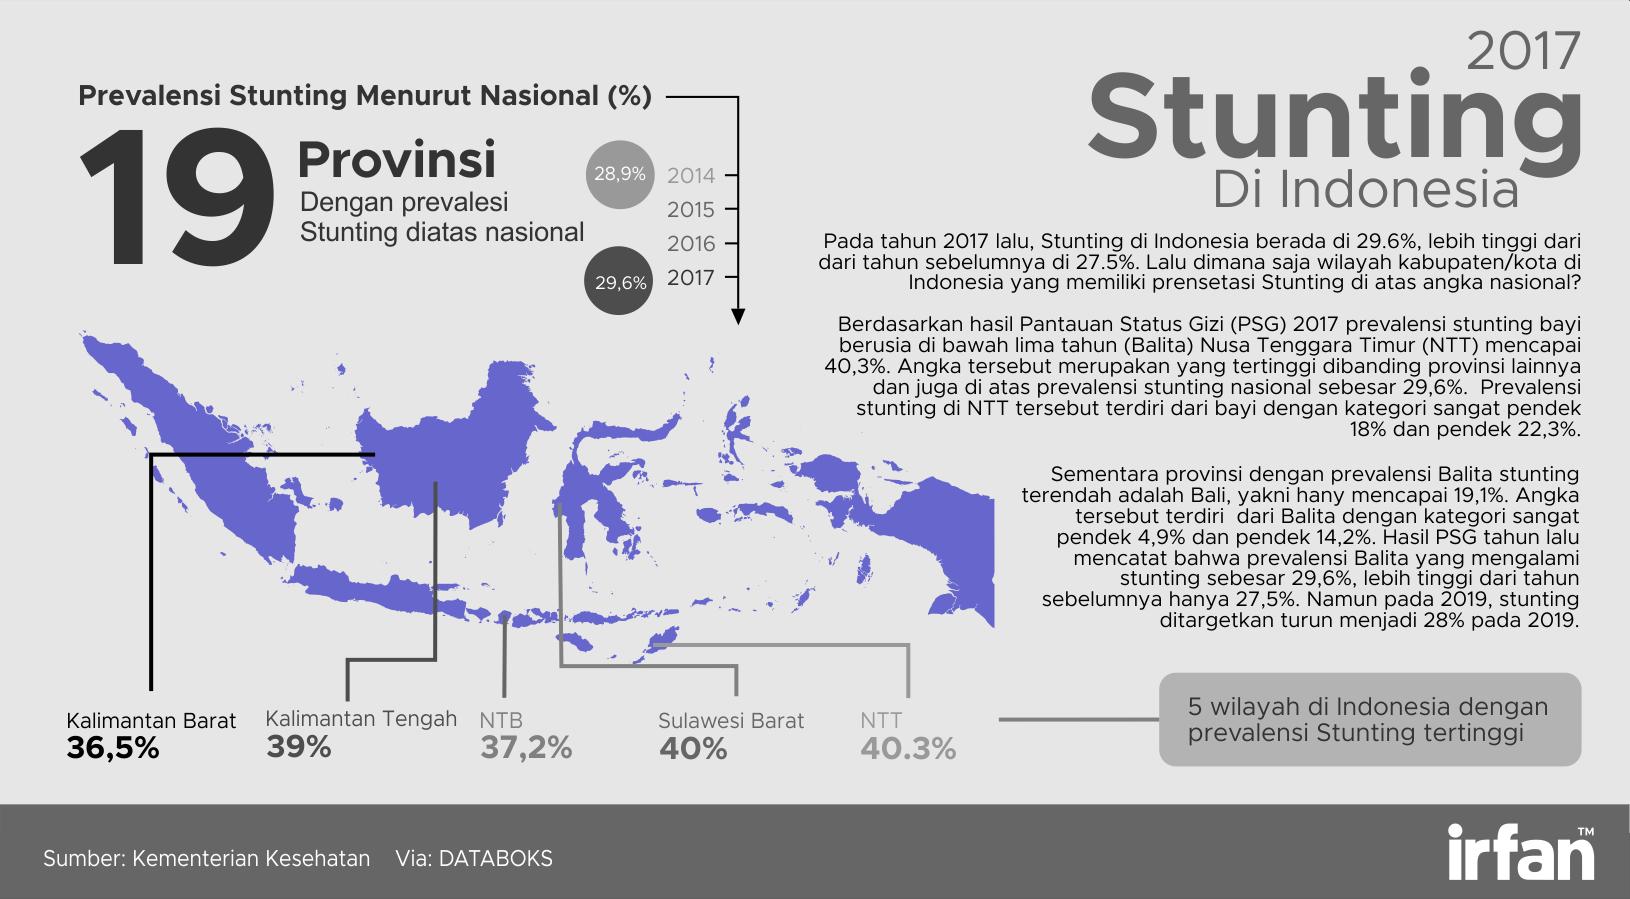 stunting di Indonesia 2017